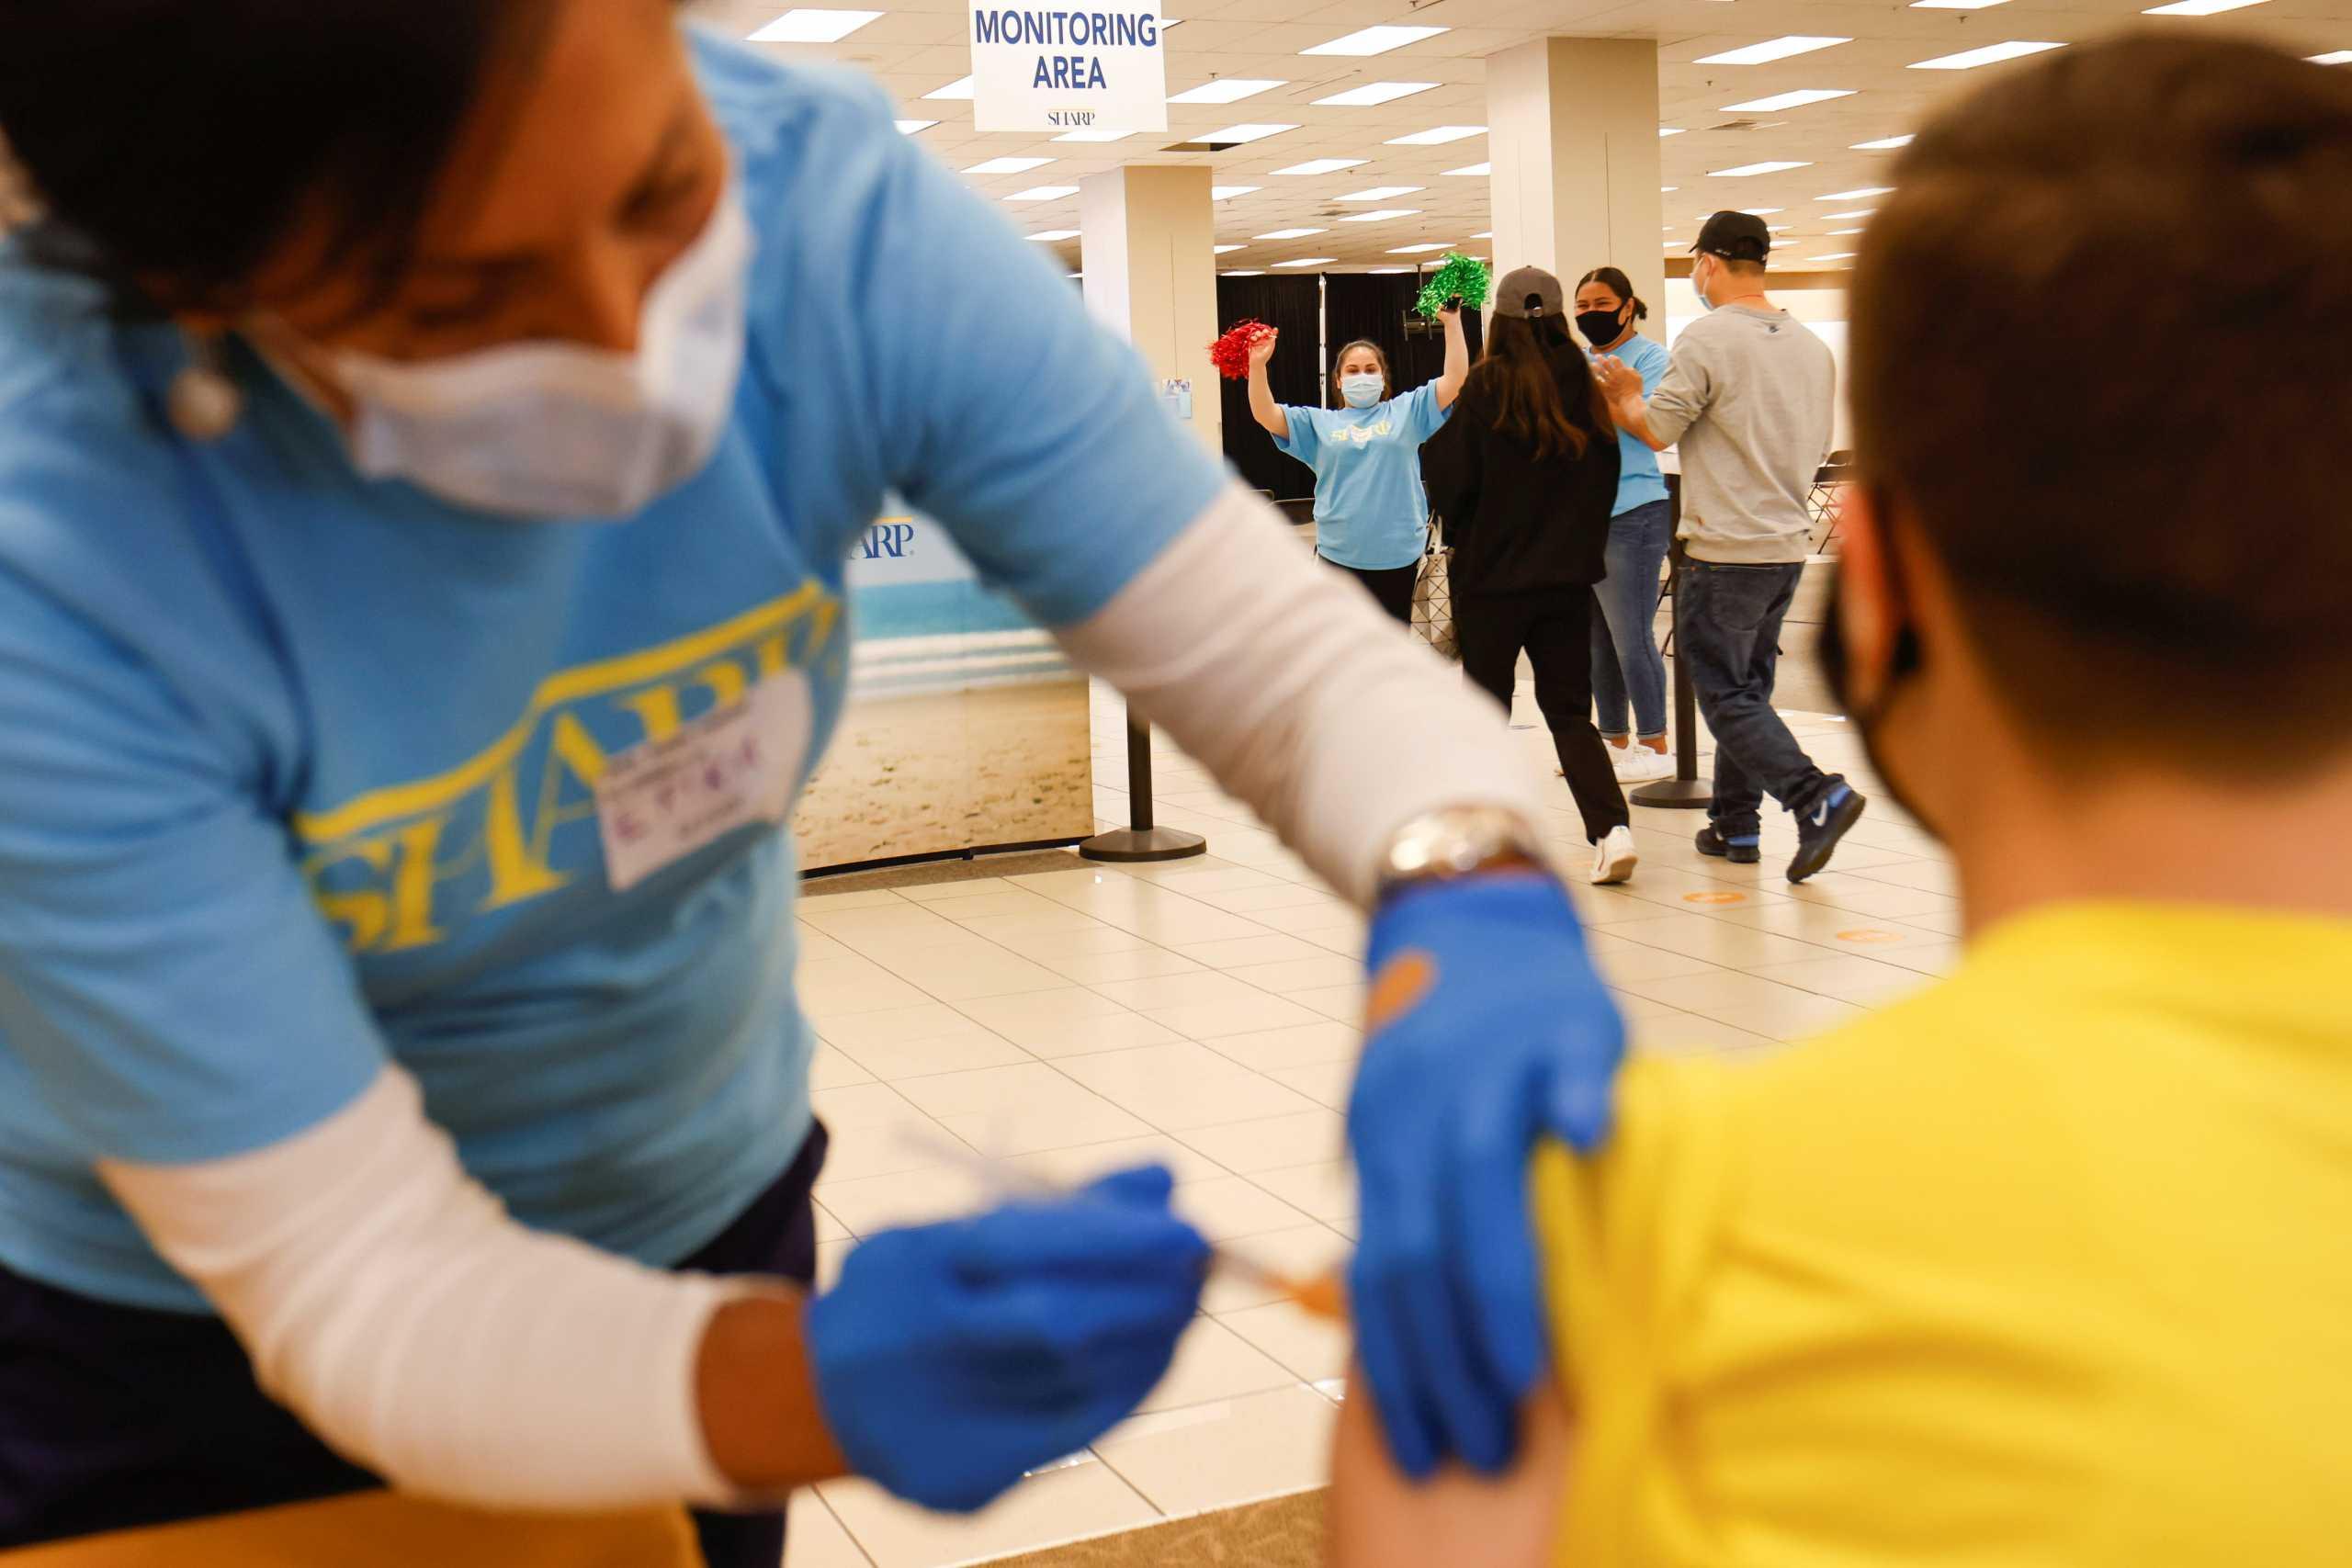 ΗΠΑ: Έφτασαν τα 337,74 εκατ. οι δόσεις εμβολίων που έχουν γίνει στη χώρα